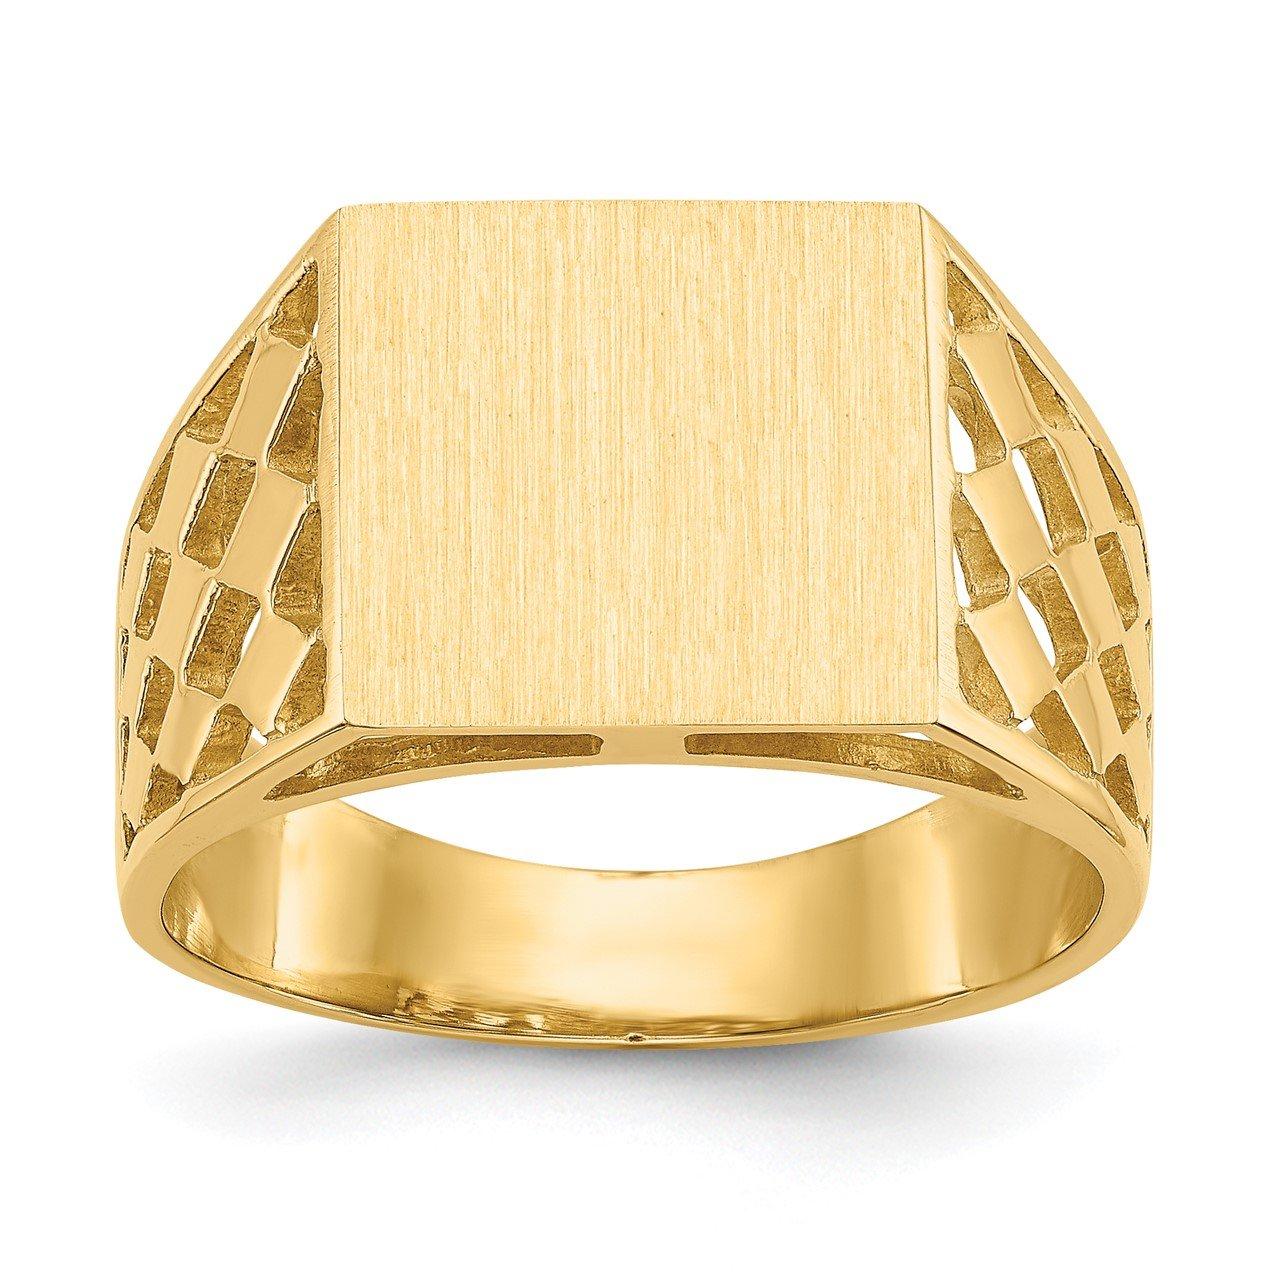 14k 12.0x12.5mm Open Back Men's Signet Ring